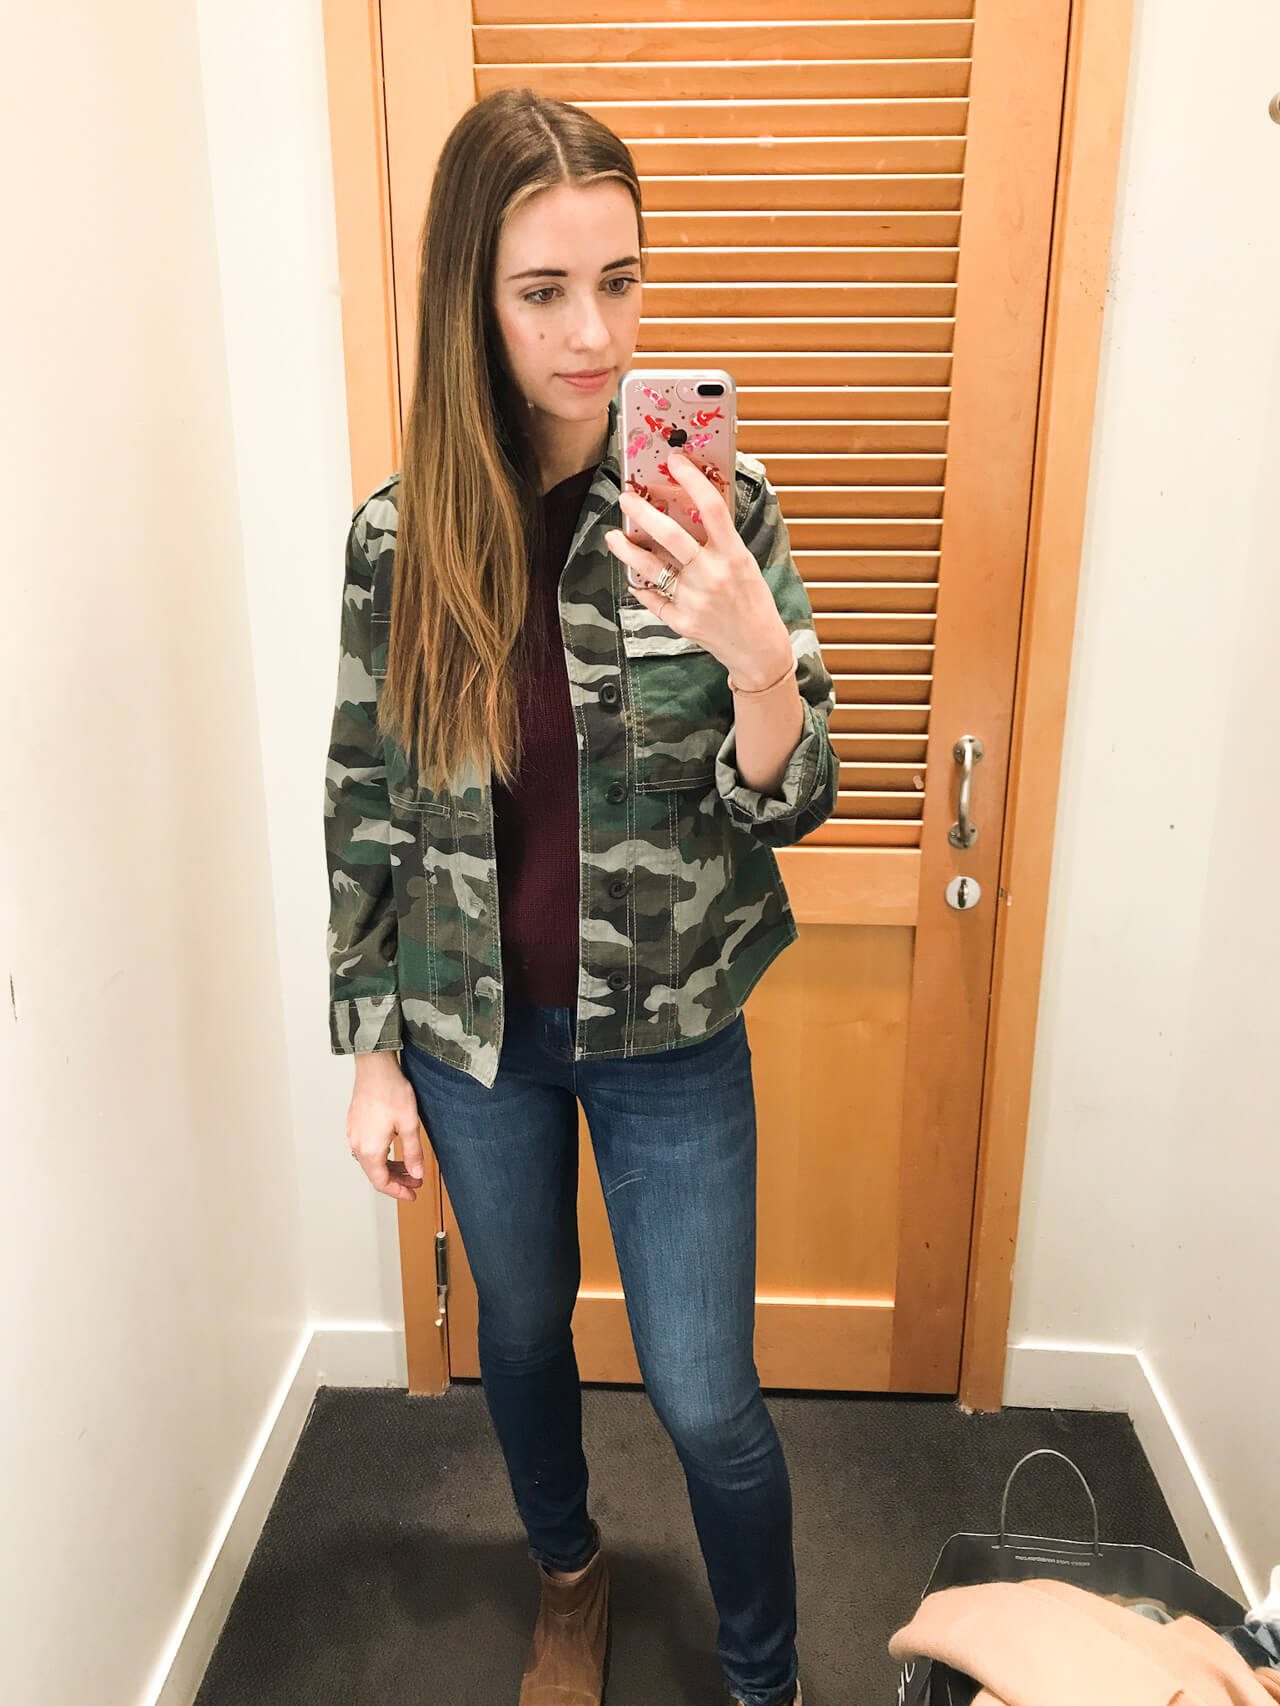 jcrew_camo_jacket